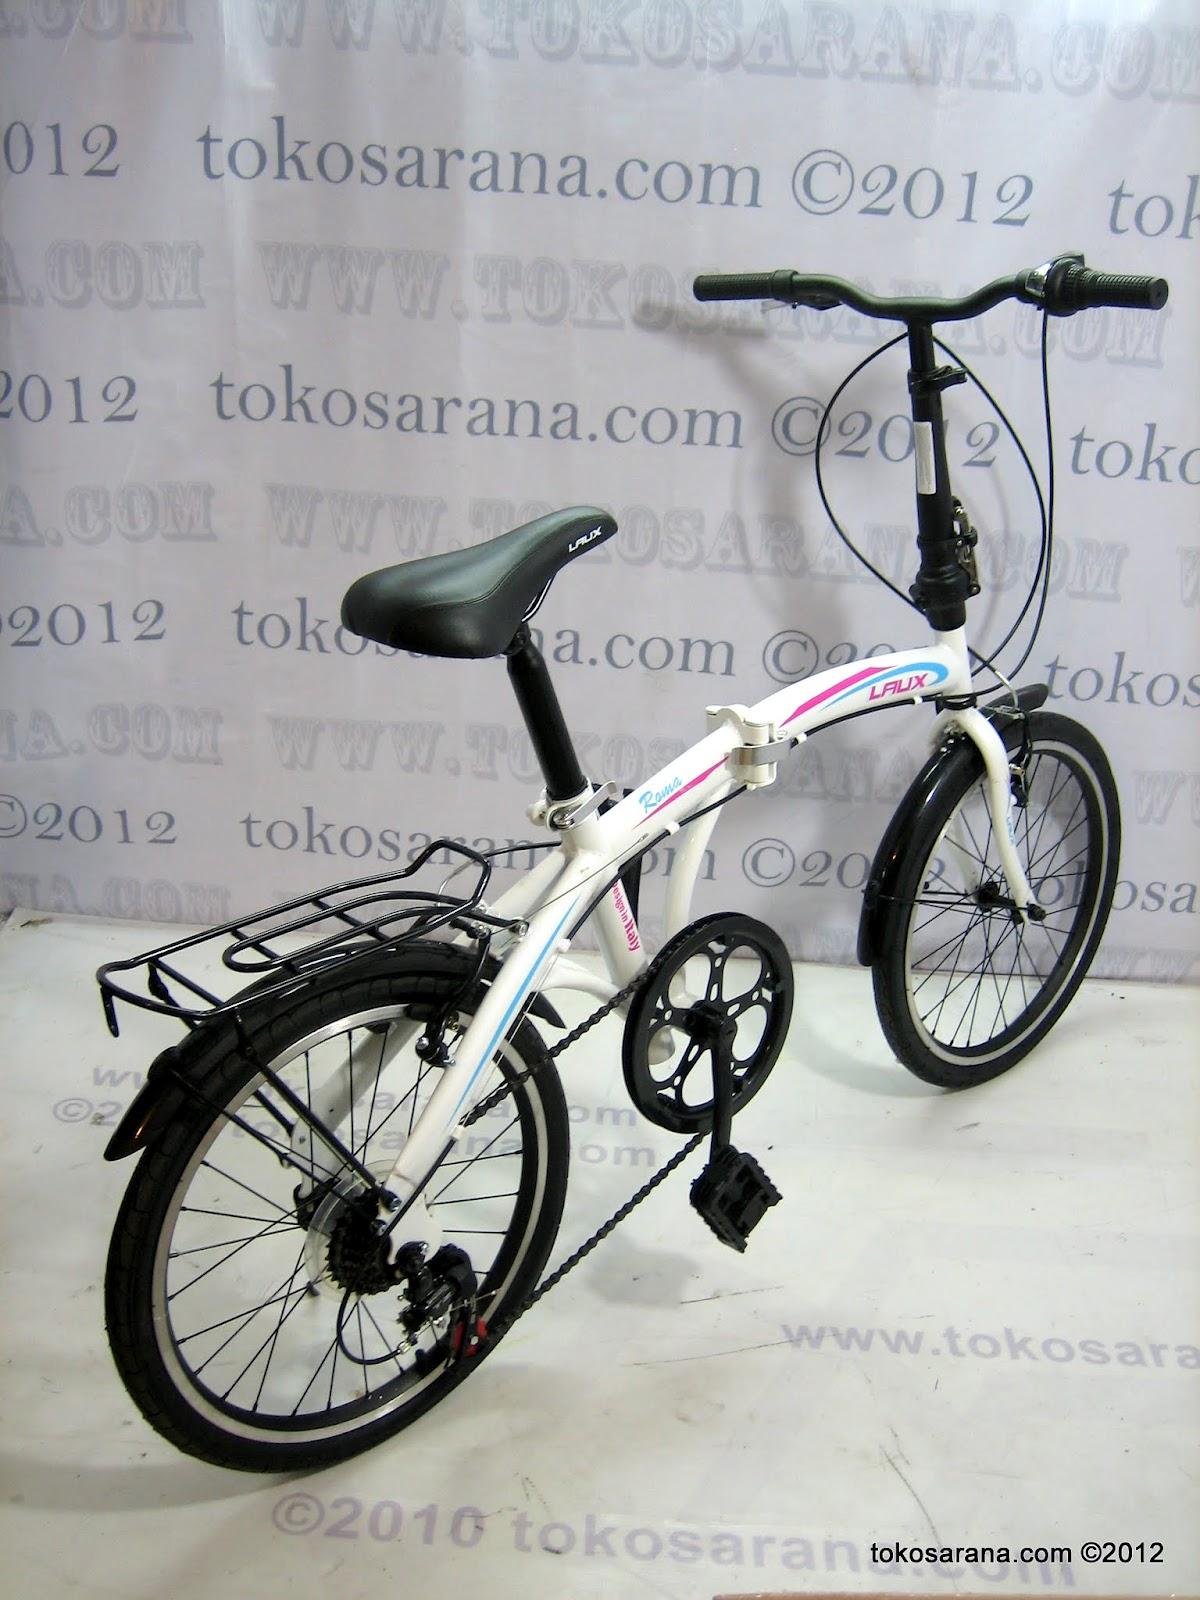 tokosarana™ | Mahasarana Sukses™: Sepeda Lipat Laux Roma 7